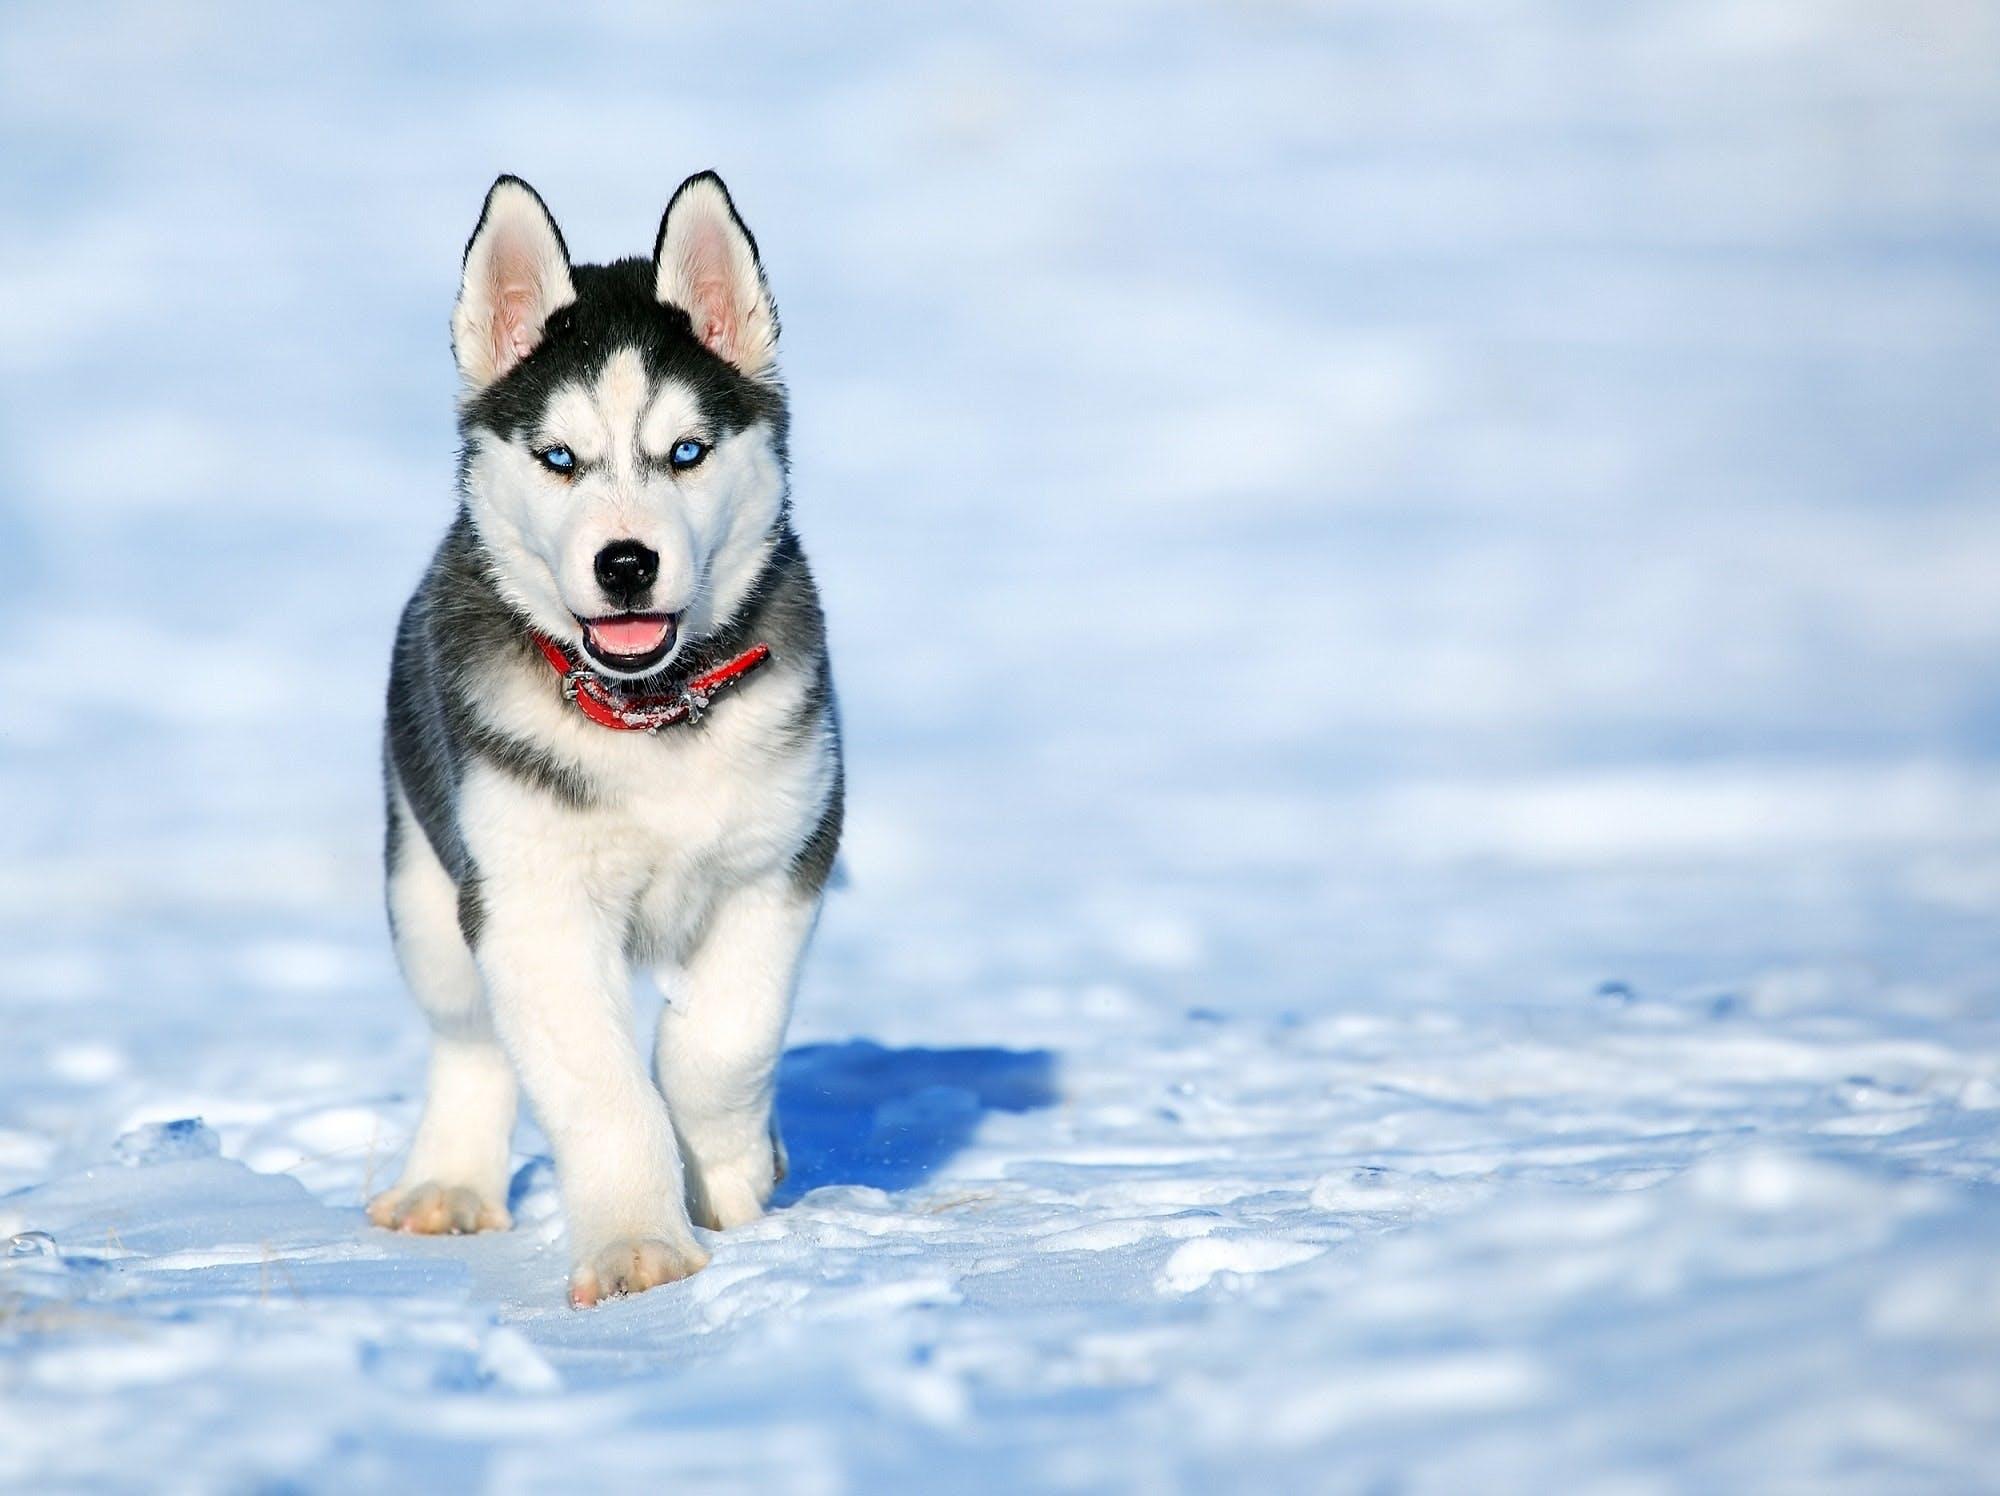 Hunden Loki the Wolfdog är ute i snön en vinterdag